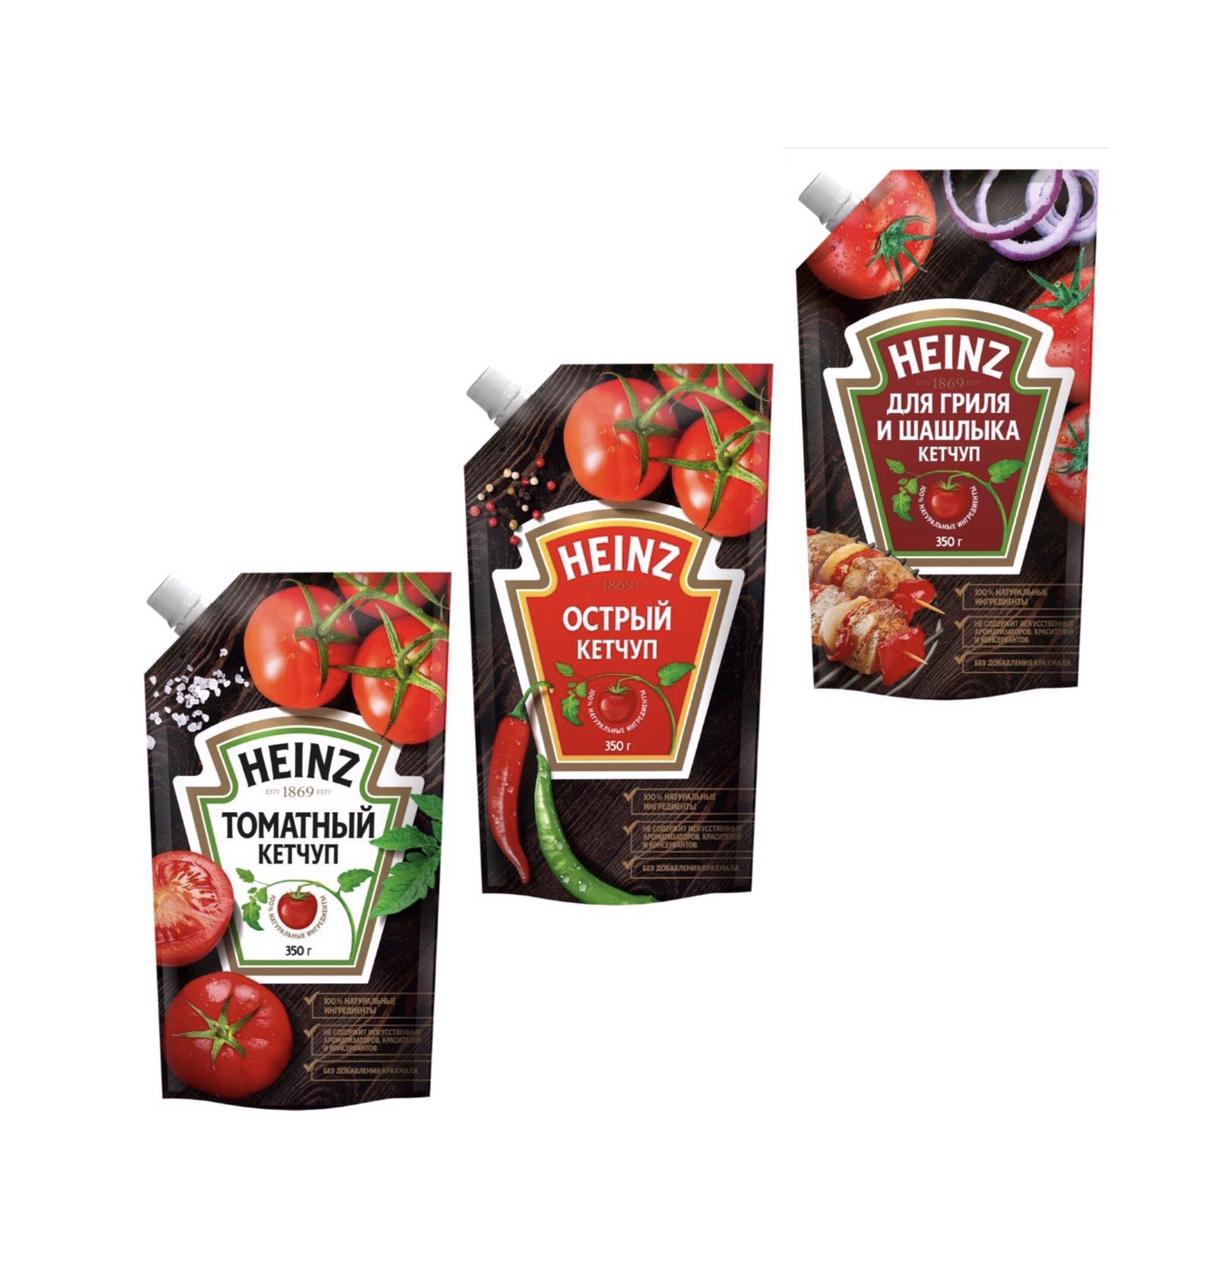 Кетчуп HEINZ 350 г. дой-пак -для гриля и шашлыка -острый -томатный